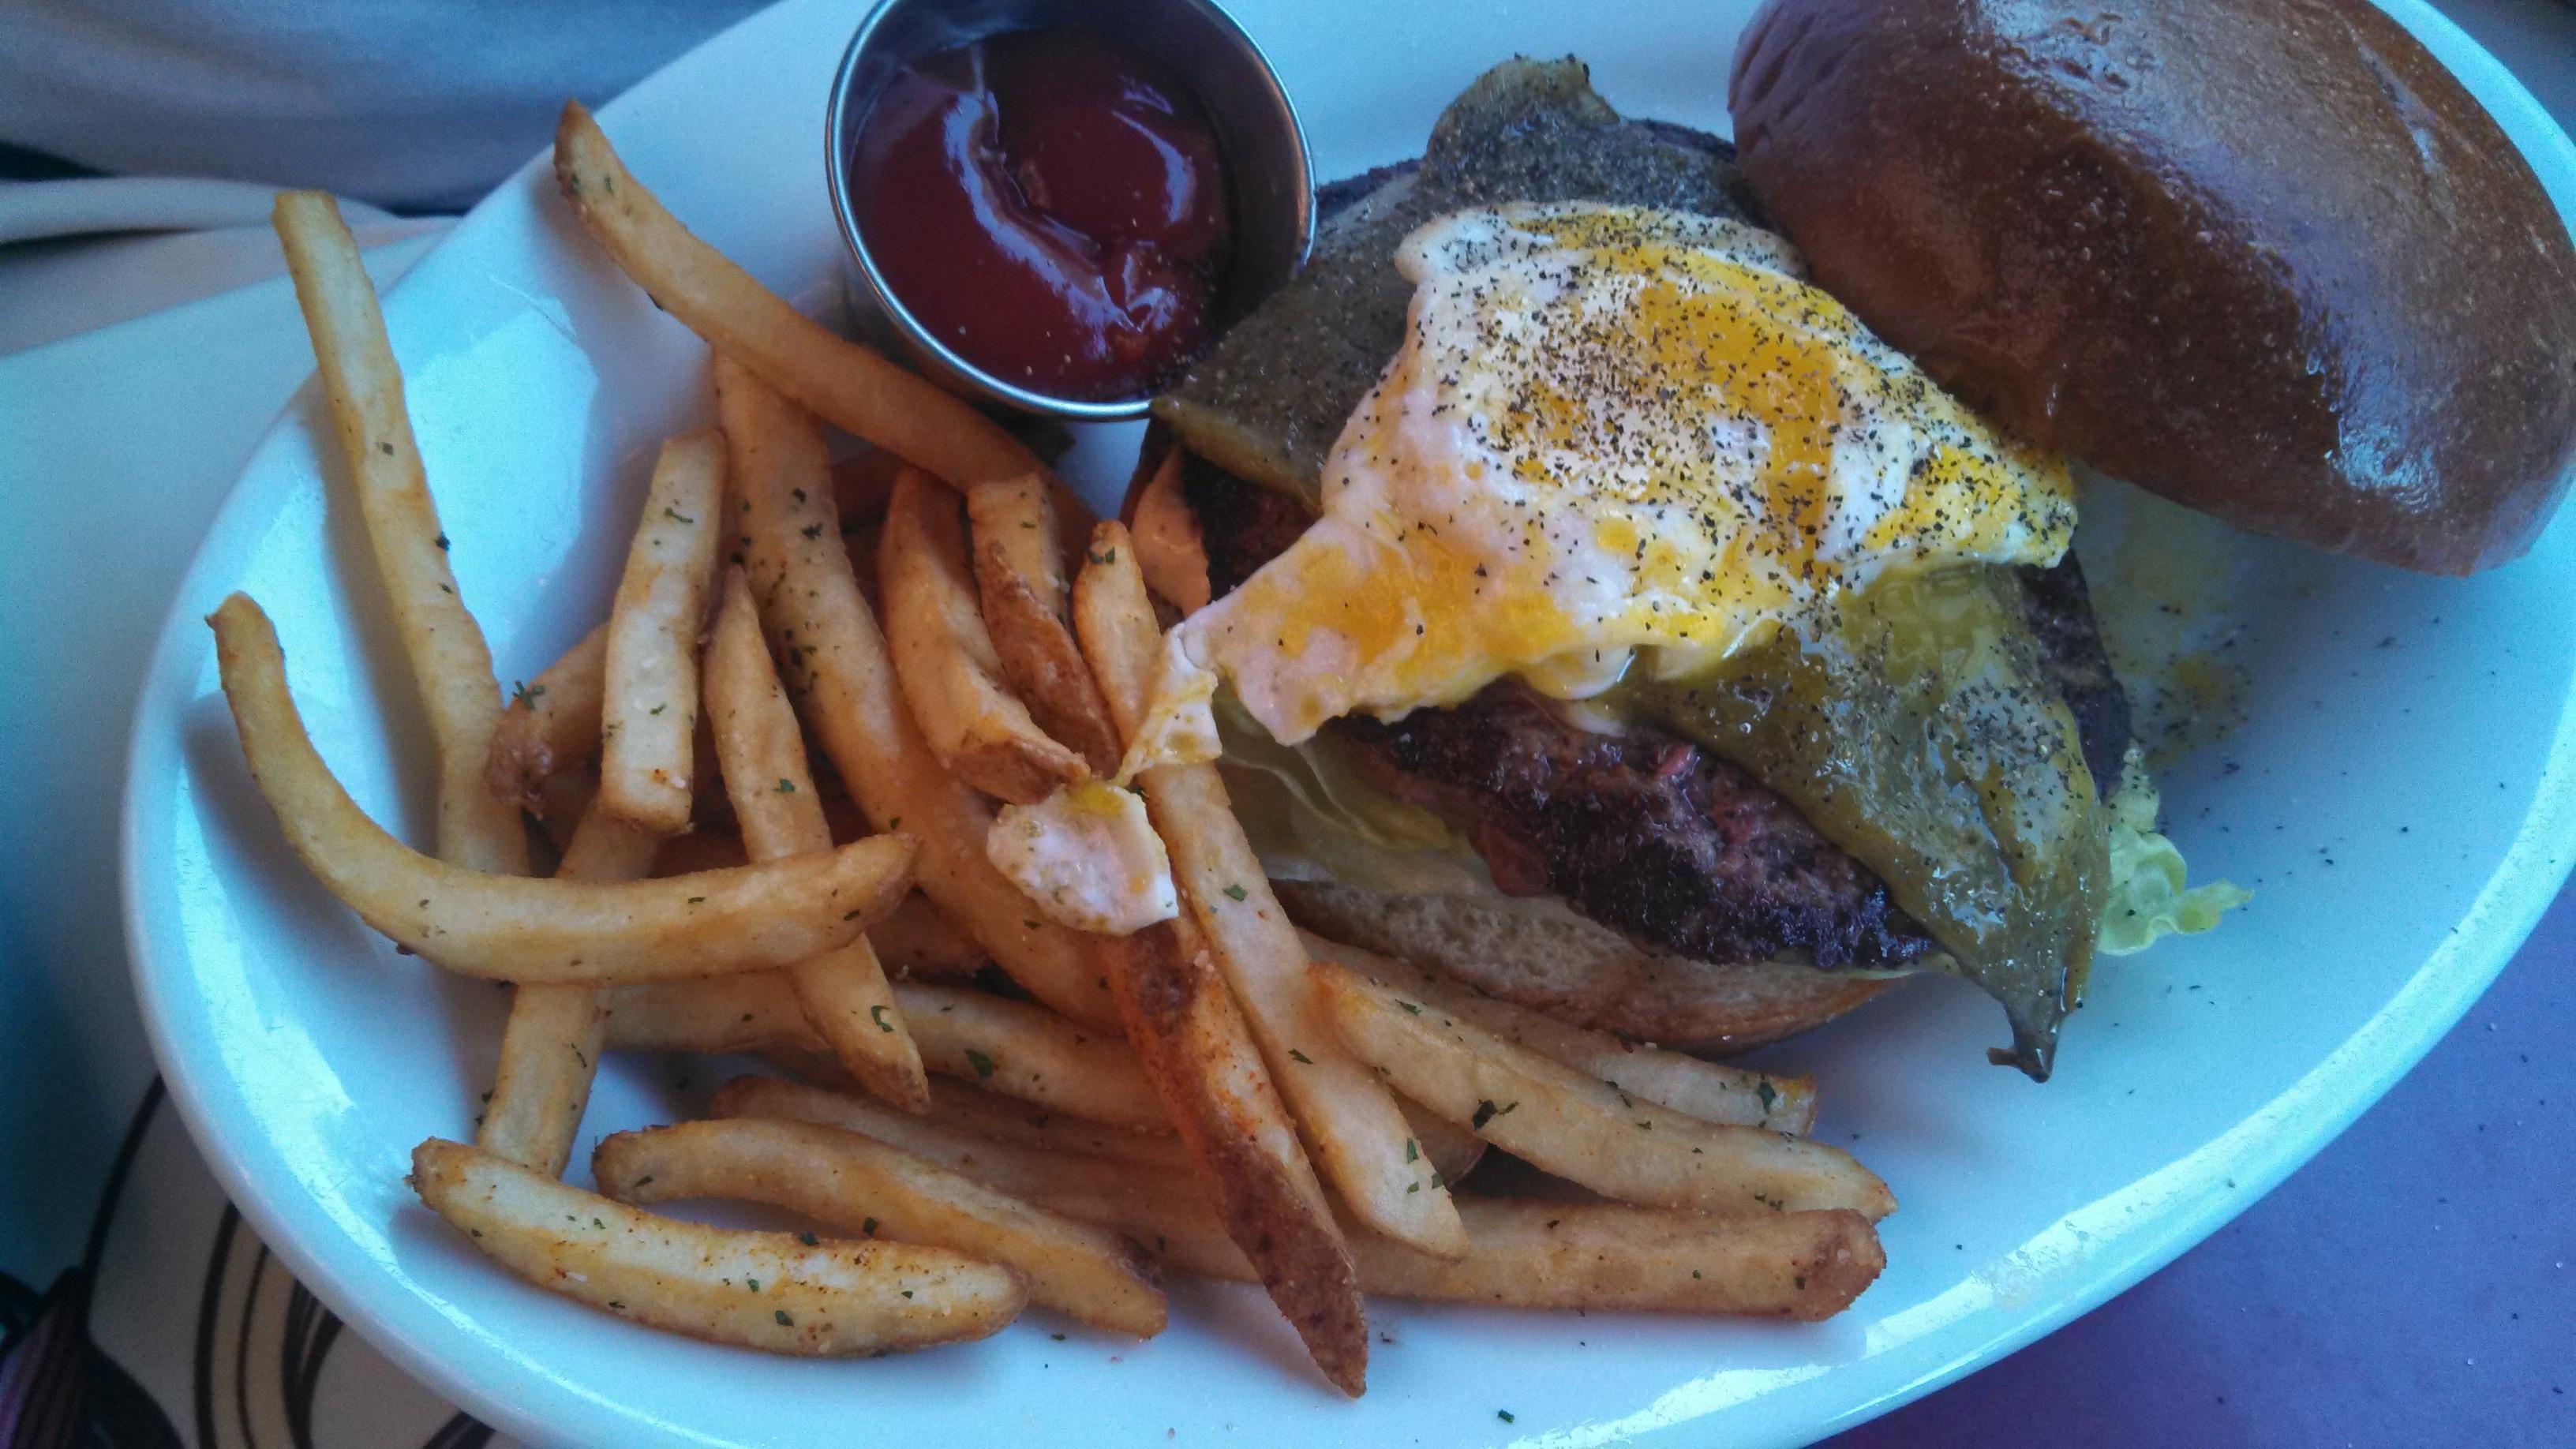 Eating in Disneyland: Food Allergies to Favorite Spots